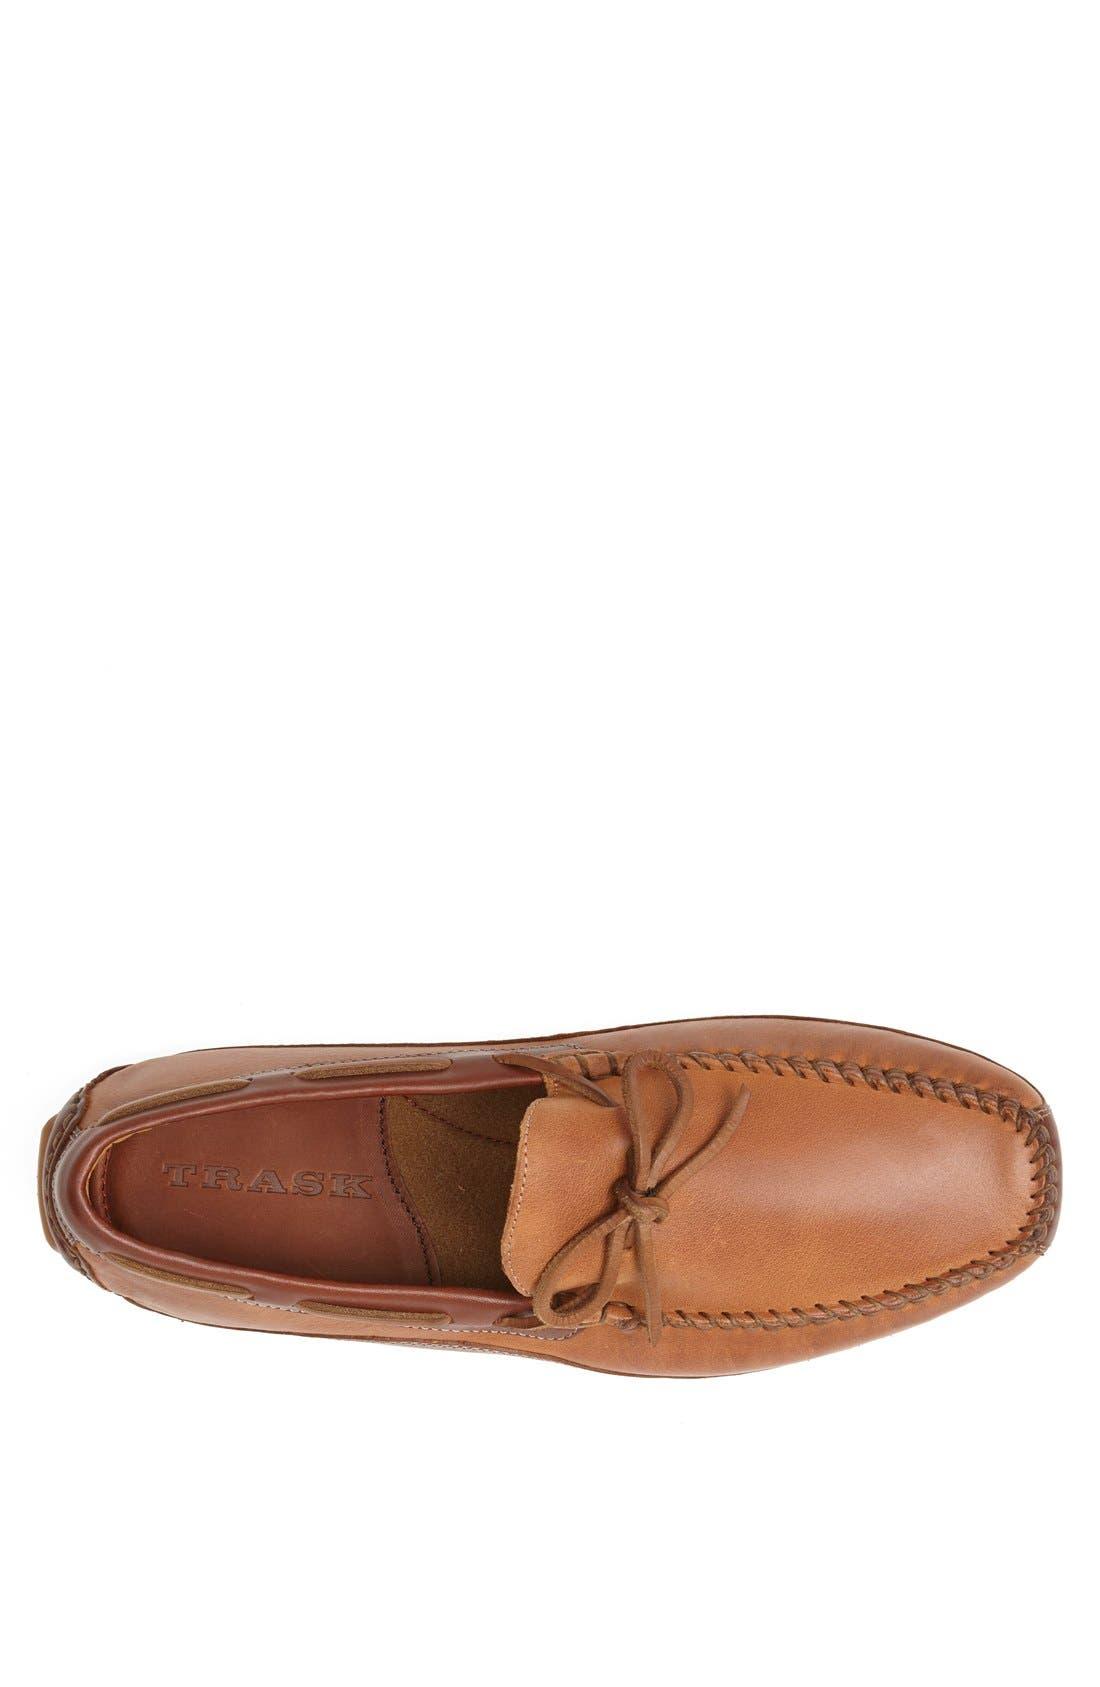 'Drake' Leather Driving Shoe,                             Alternate thumbnail 38, color,